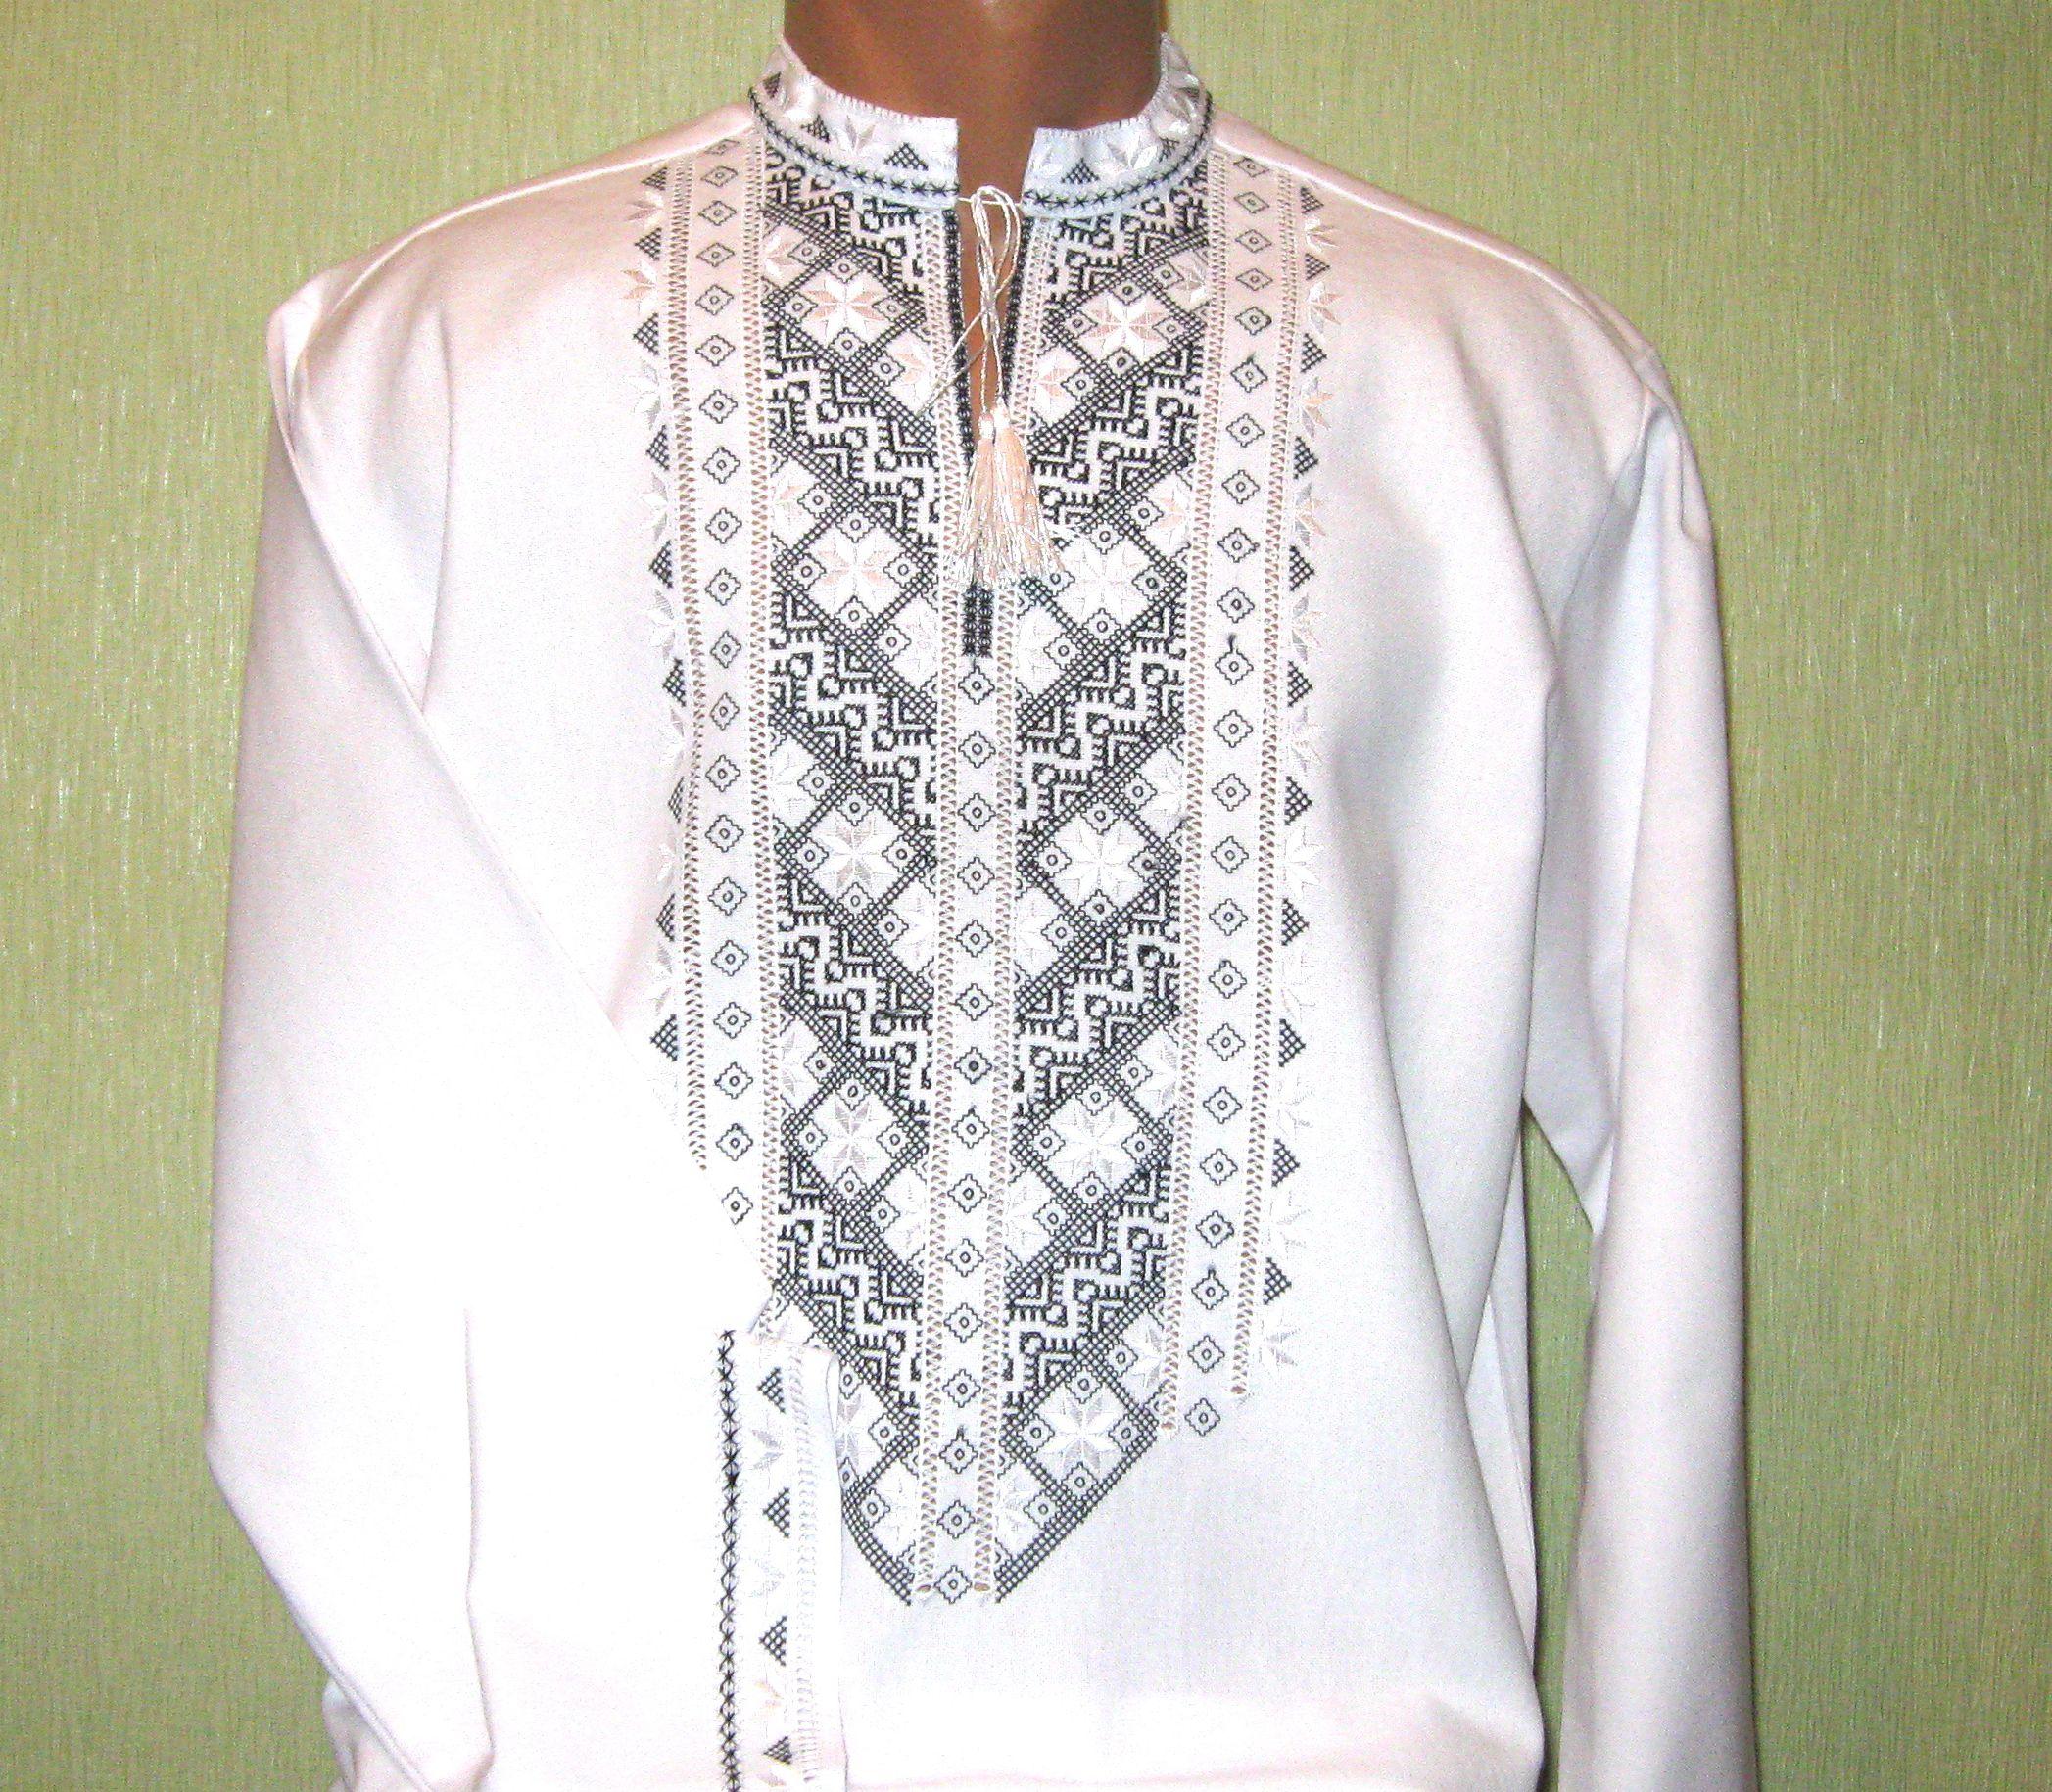 Чоловіча вишиванка з чорно-білим орнаментом ціна d6ab36ea0aac2